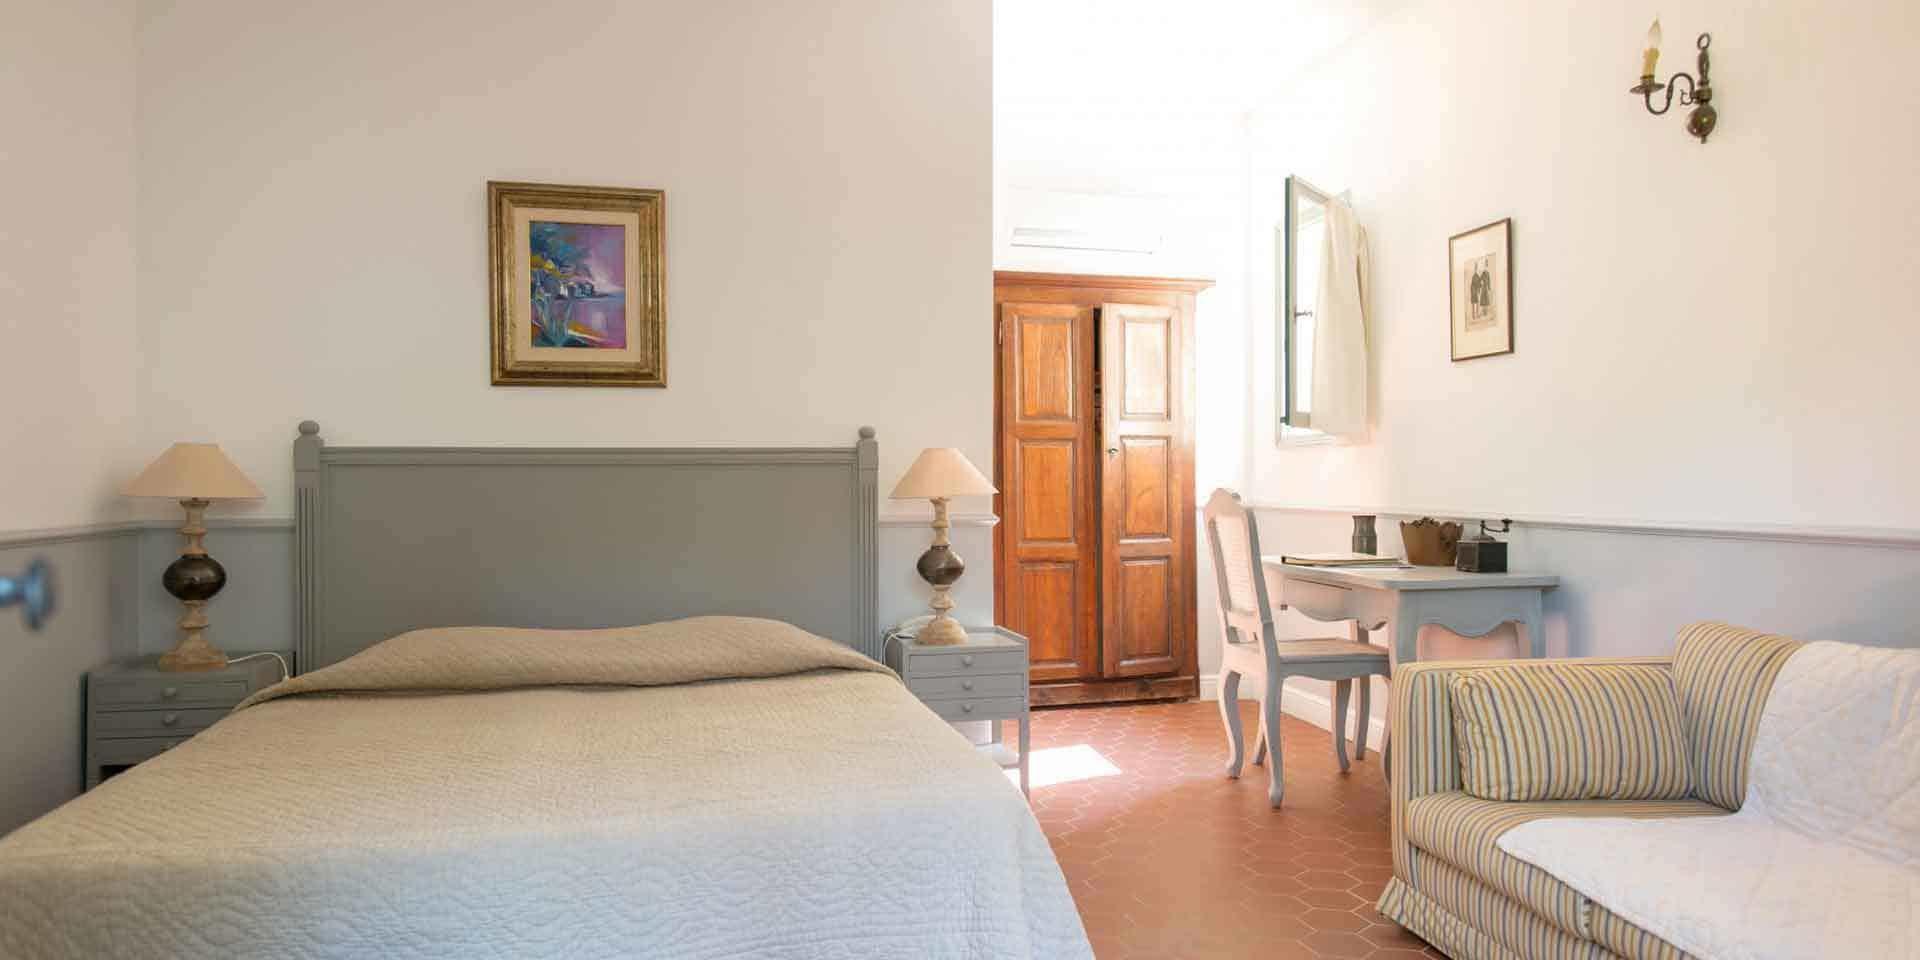 Hotel Castel Brando Erbalunga Cap Corse Corsica Frankrijk slaapkamer charme tweepersoonsbed